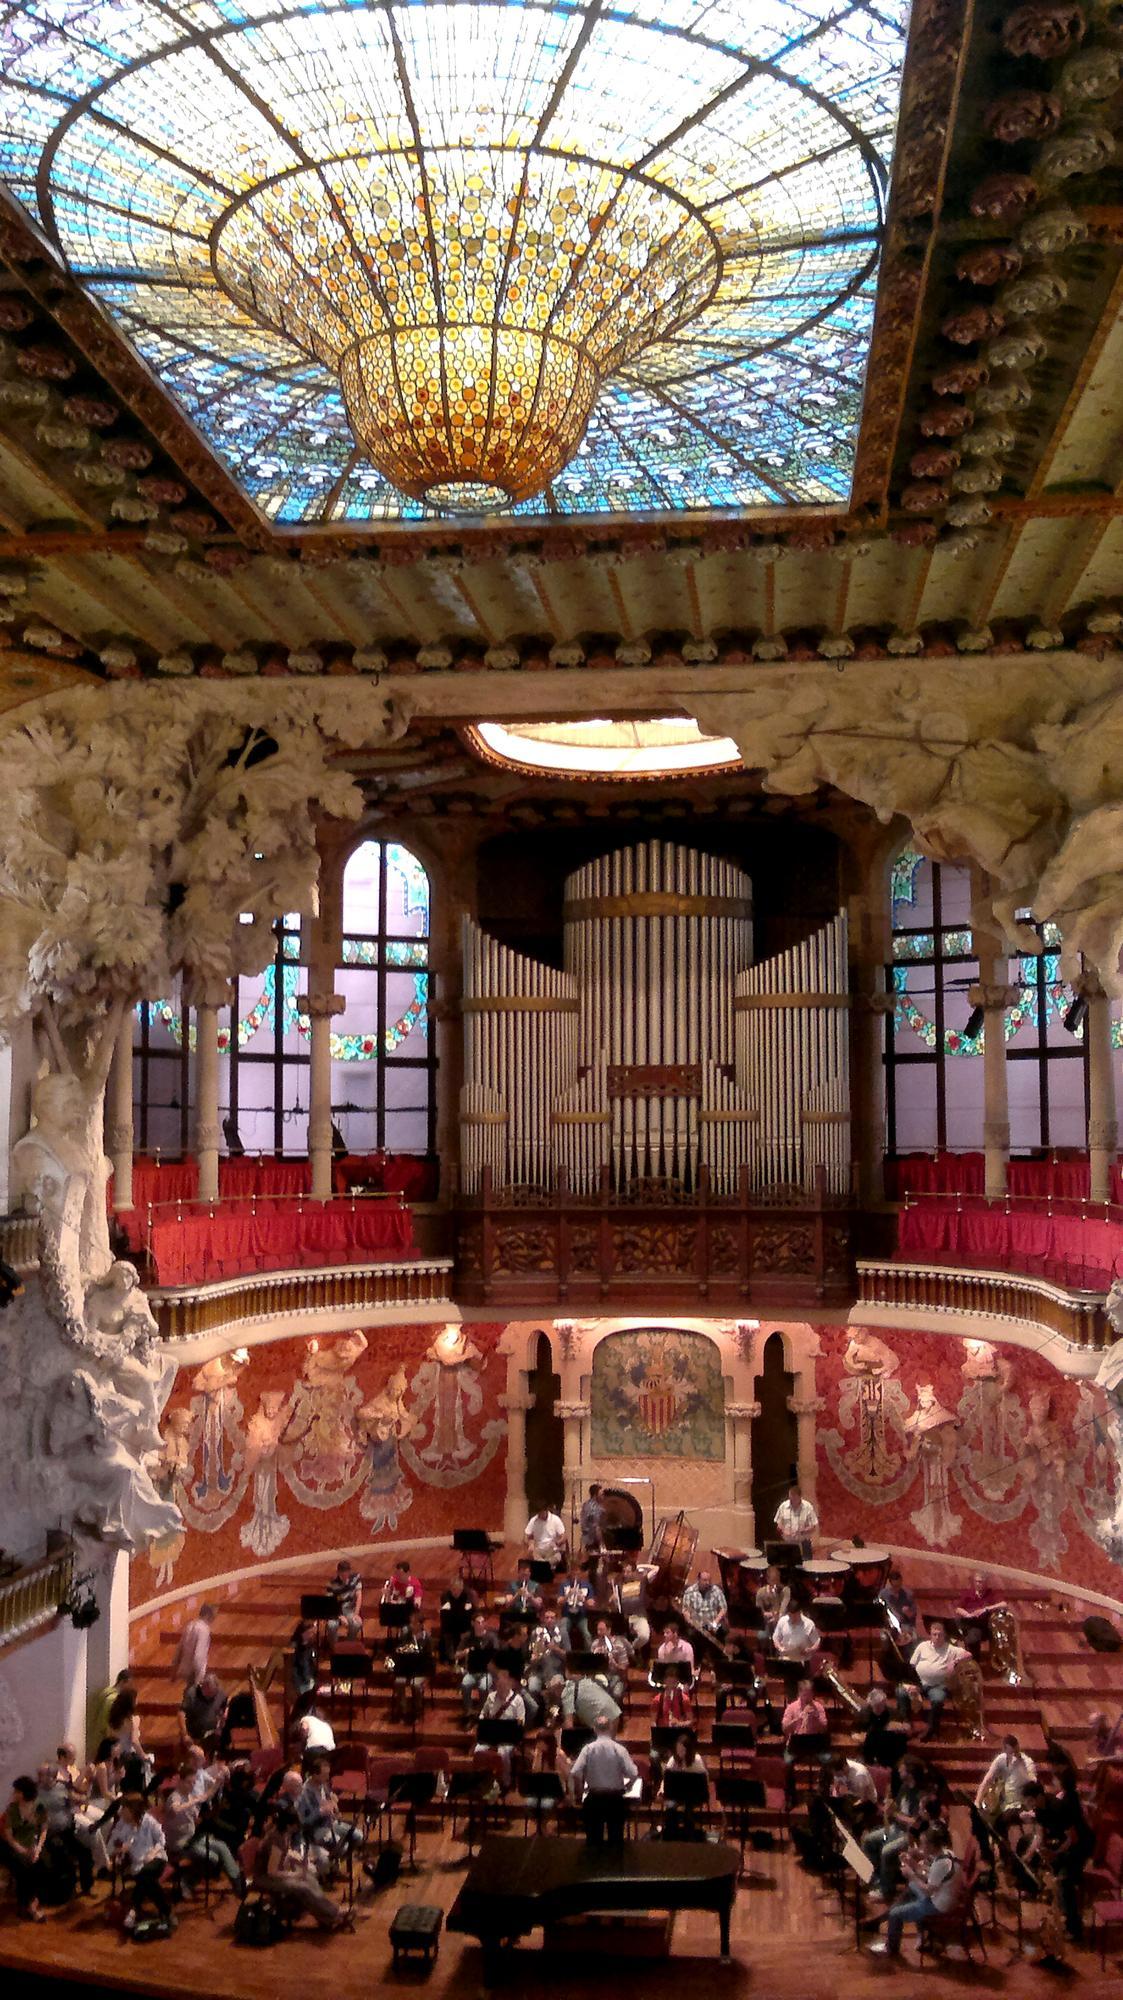 Palác hudby